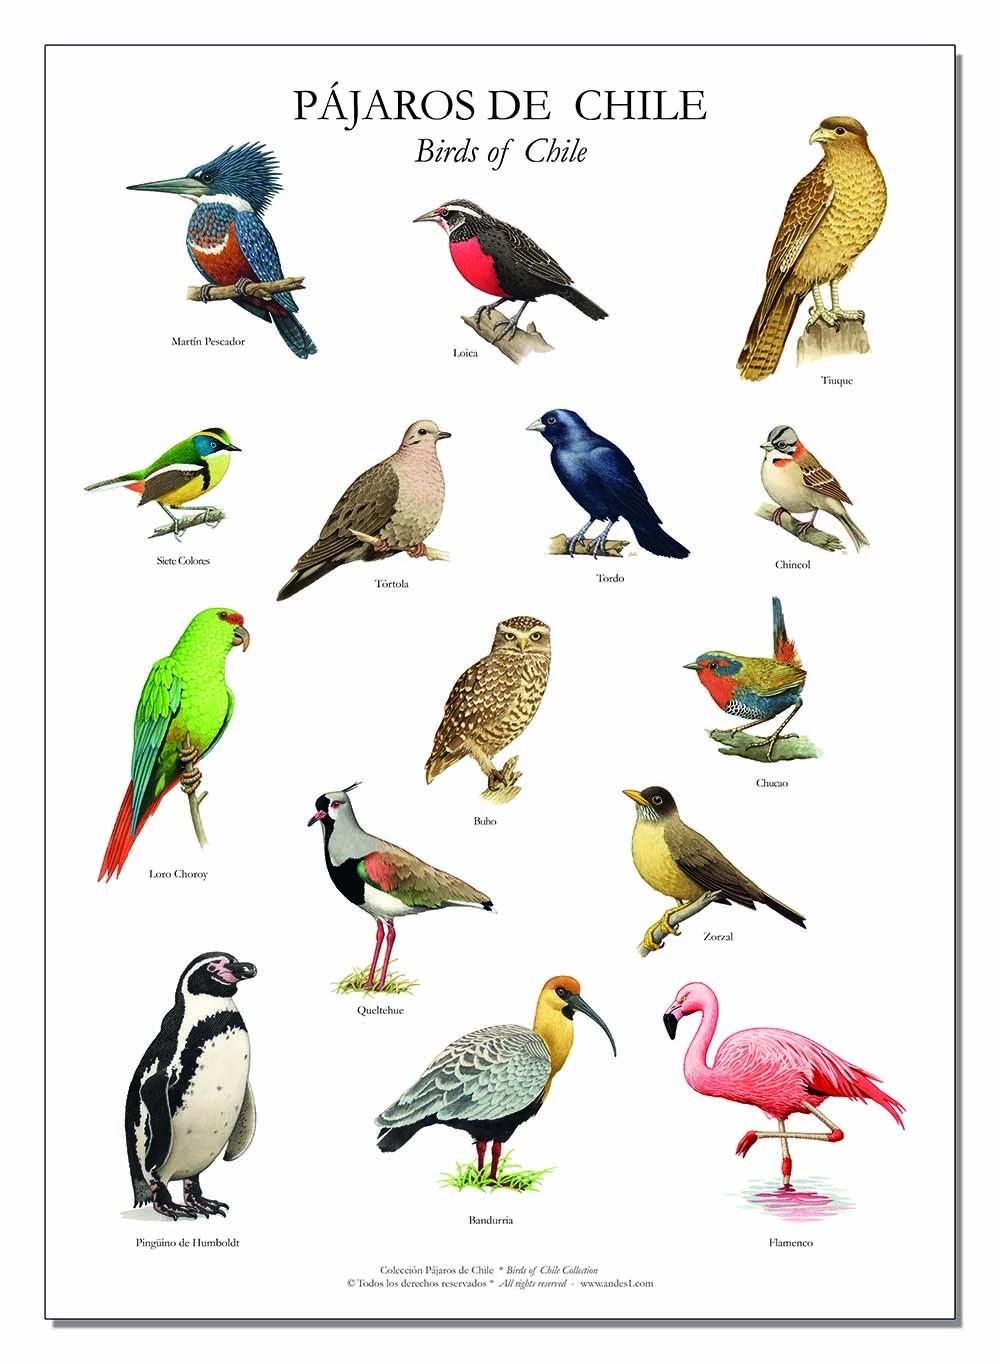 Pin De Hector En Aves Pajaros Chilenos Imagenes De Pajaro Y Pintura De Pajaros